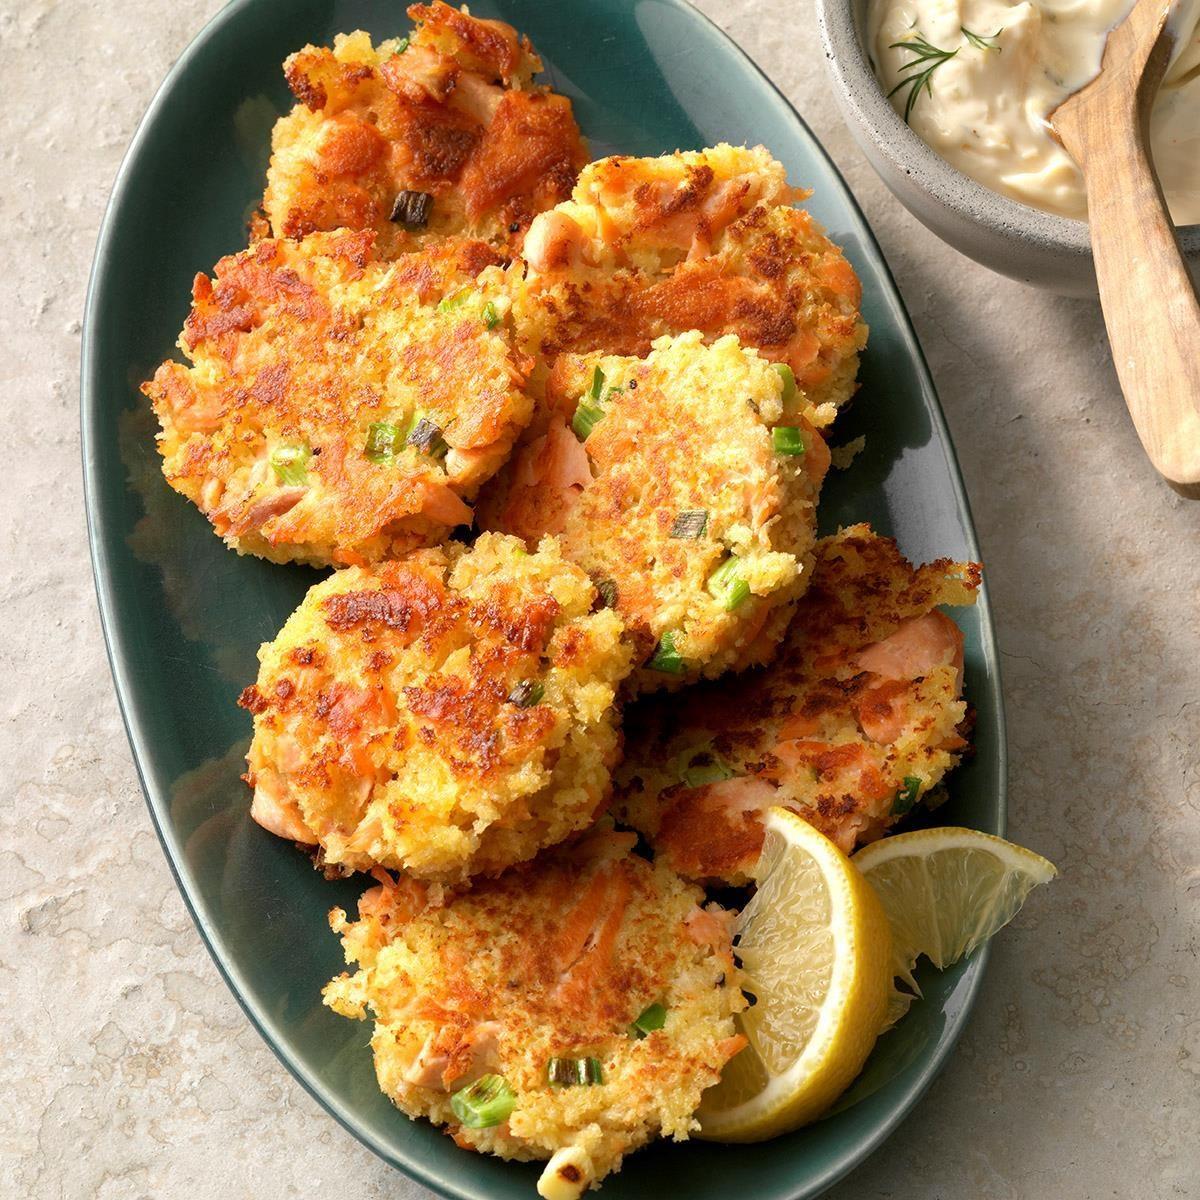 Salmon Patties With Lemon-Dill Sauce Recipe